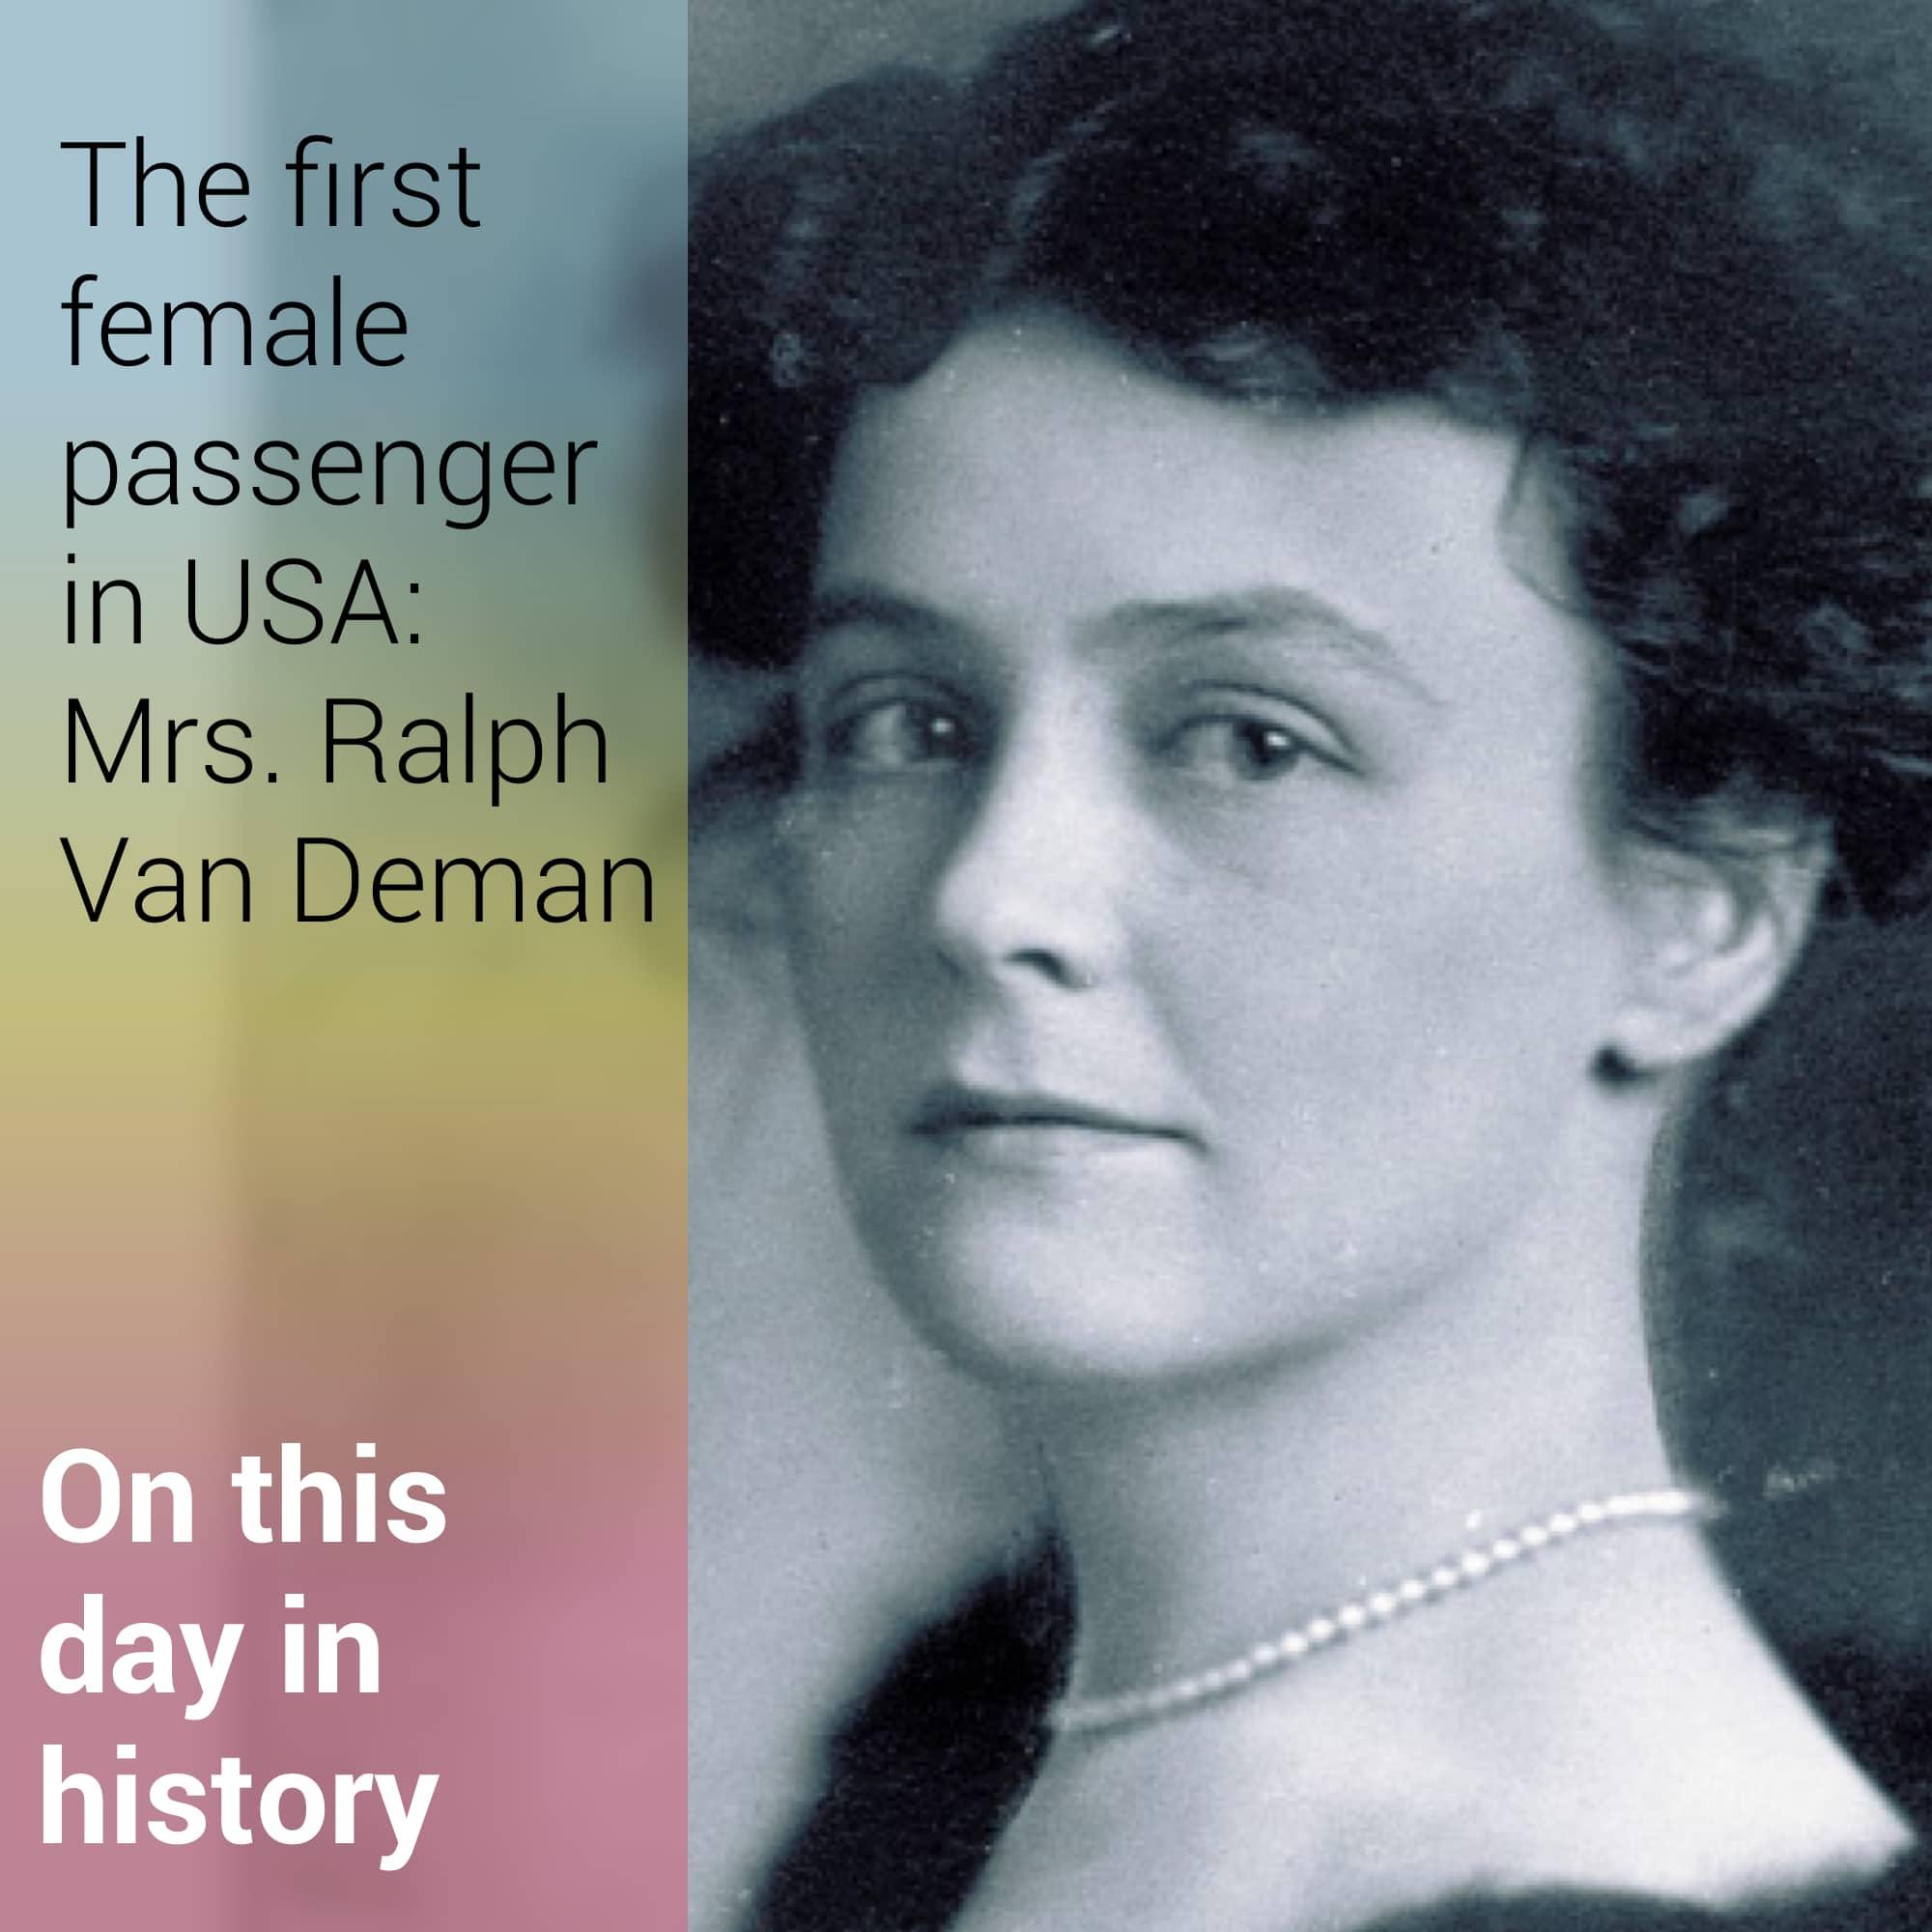 Mrs. Ralph Van Deman